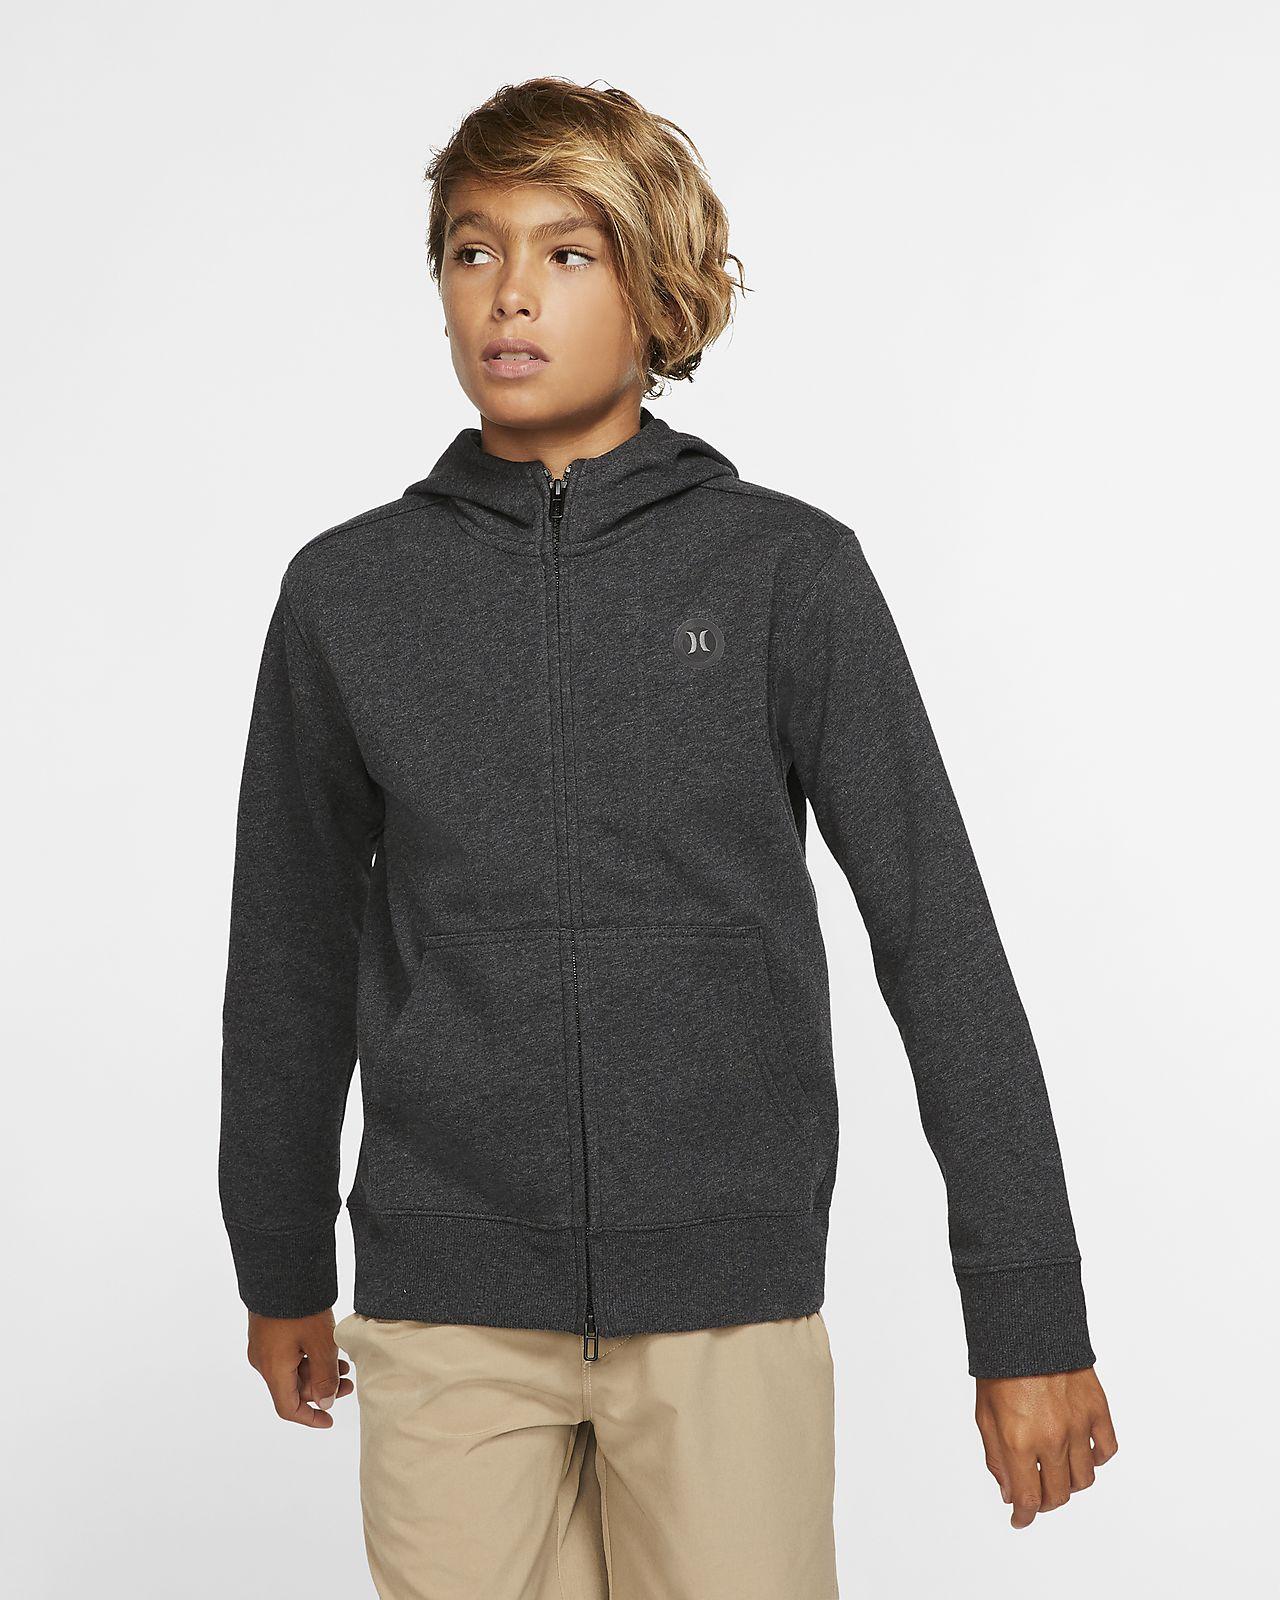 Felpa in fleece con cappuccio e zip a tutta lunghezza Hurley Therma Protect - Bambino/Ragazzo